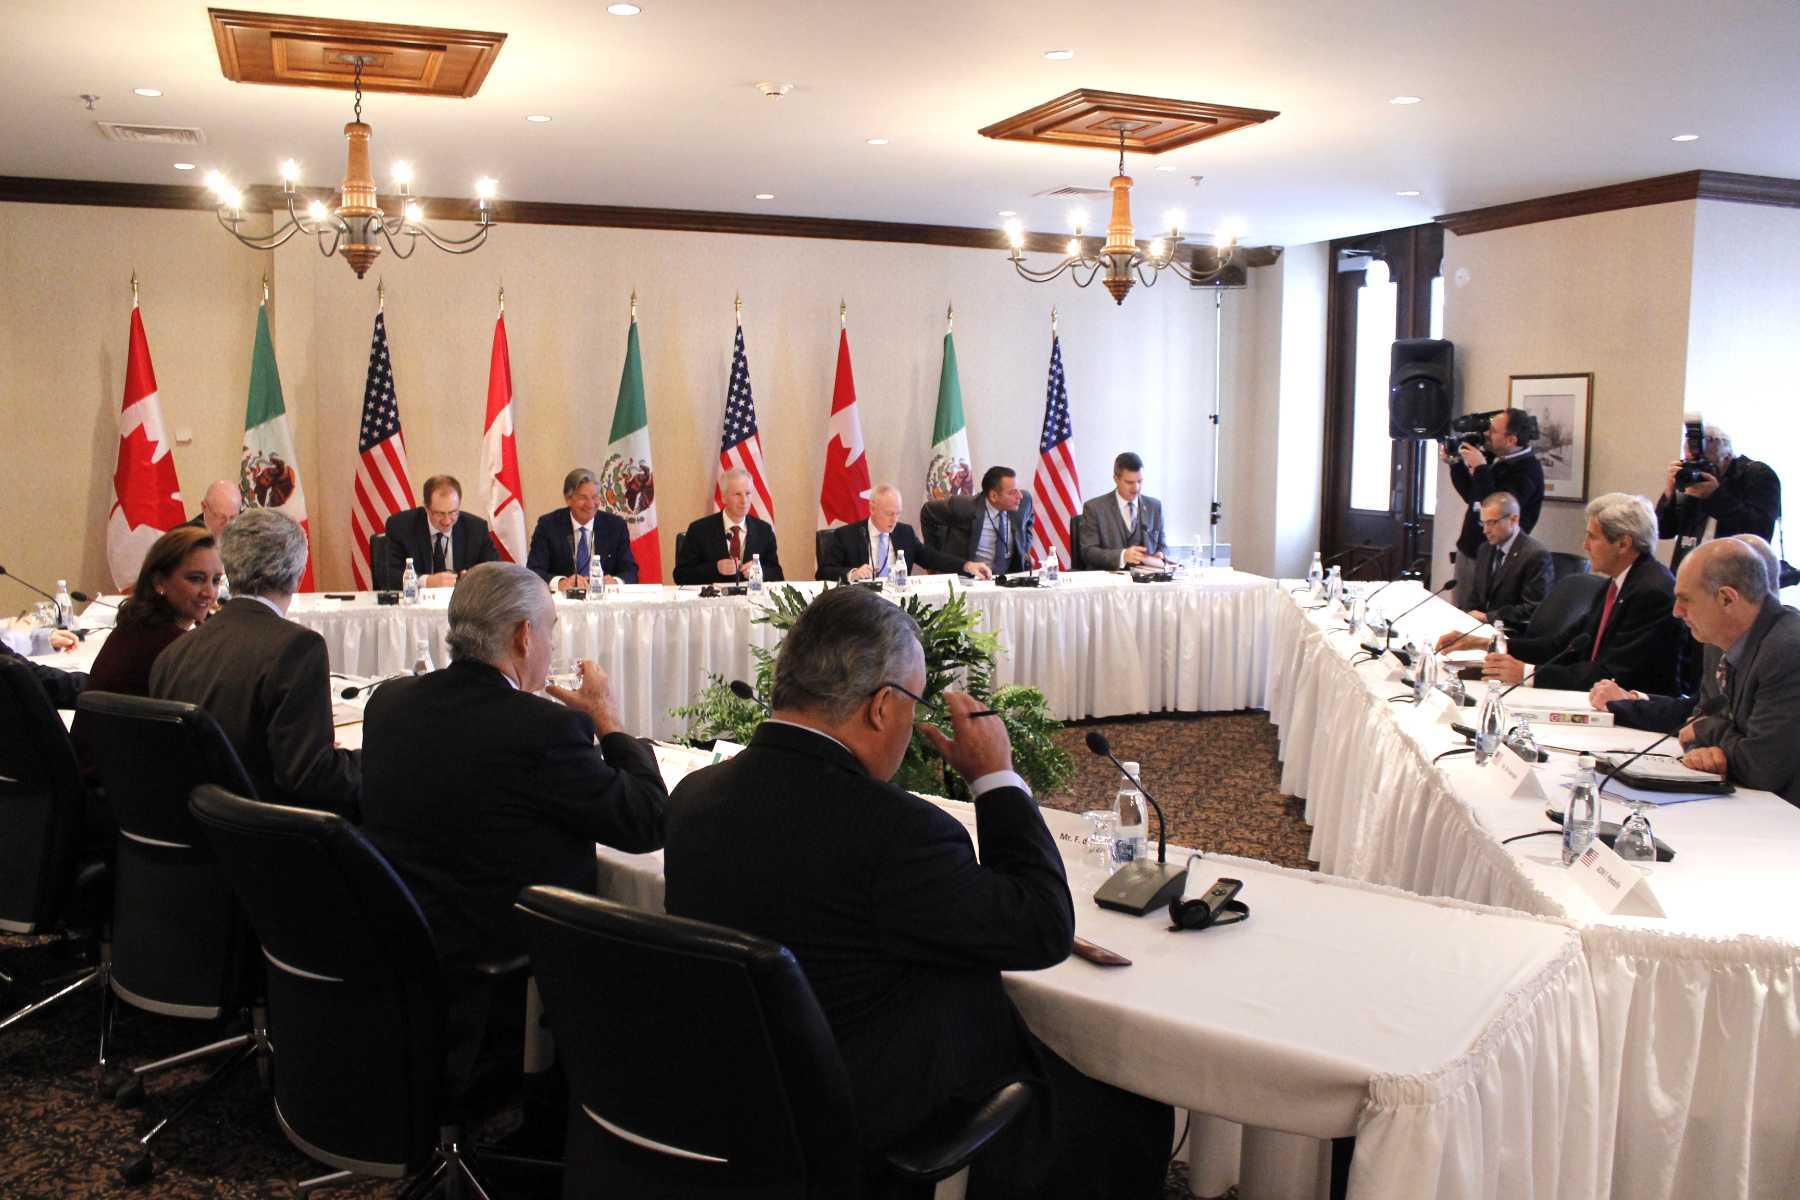 FOTO 4 Canciller Claudia Ruiz Massieu en la sesi n de trabajo trilateral con las delegaciones de Canad  y Estados Unidos  en Quebecjpg